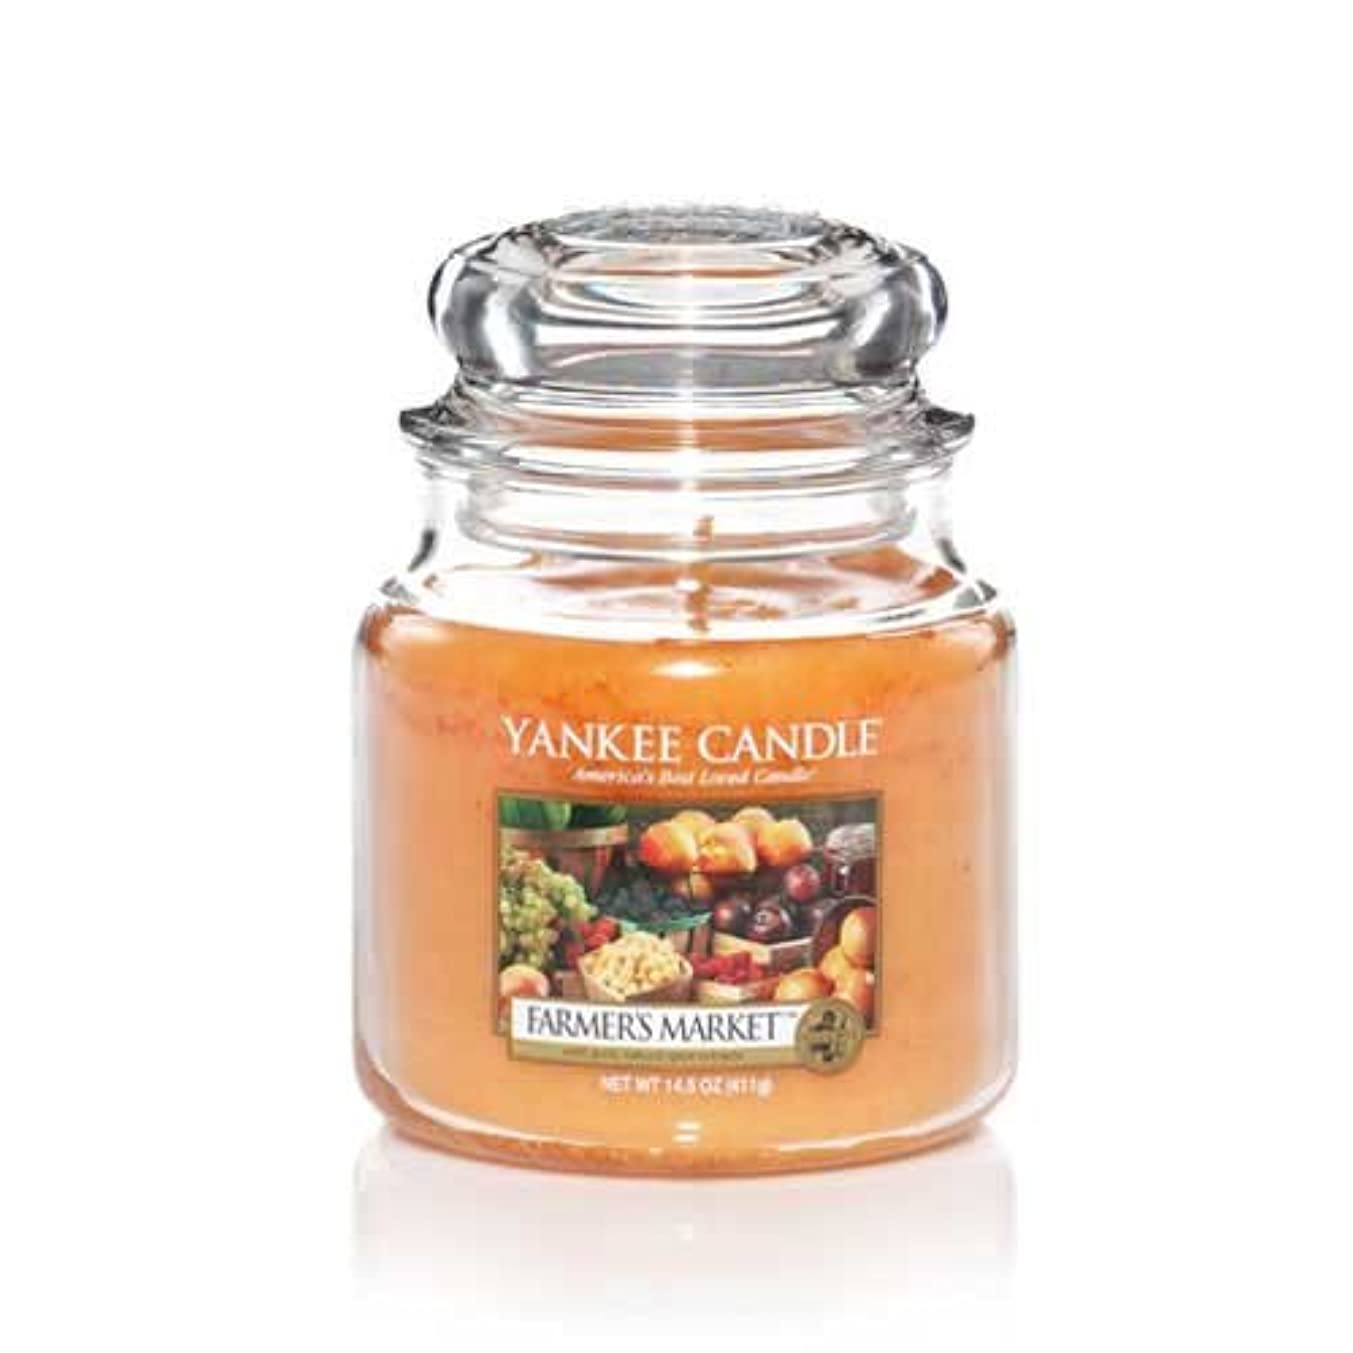 ほのめかす櫛ドロップYankee Candle Farmer 's Market Medium Jar Candle, Food & Spice香り